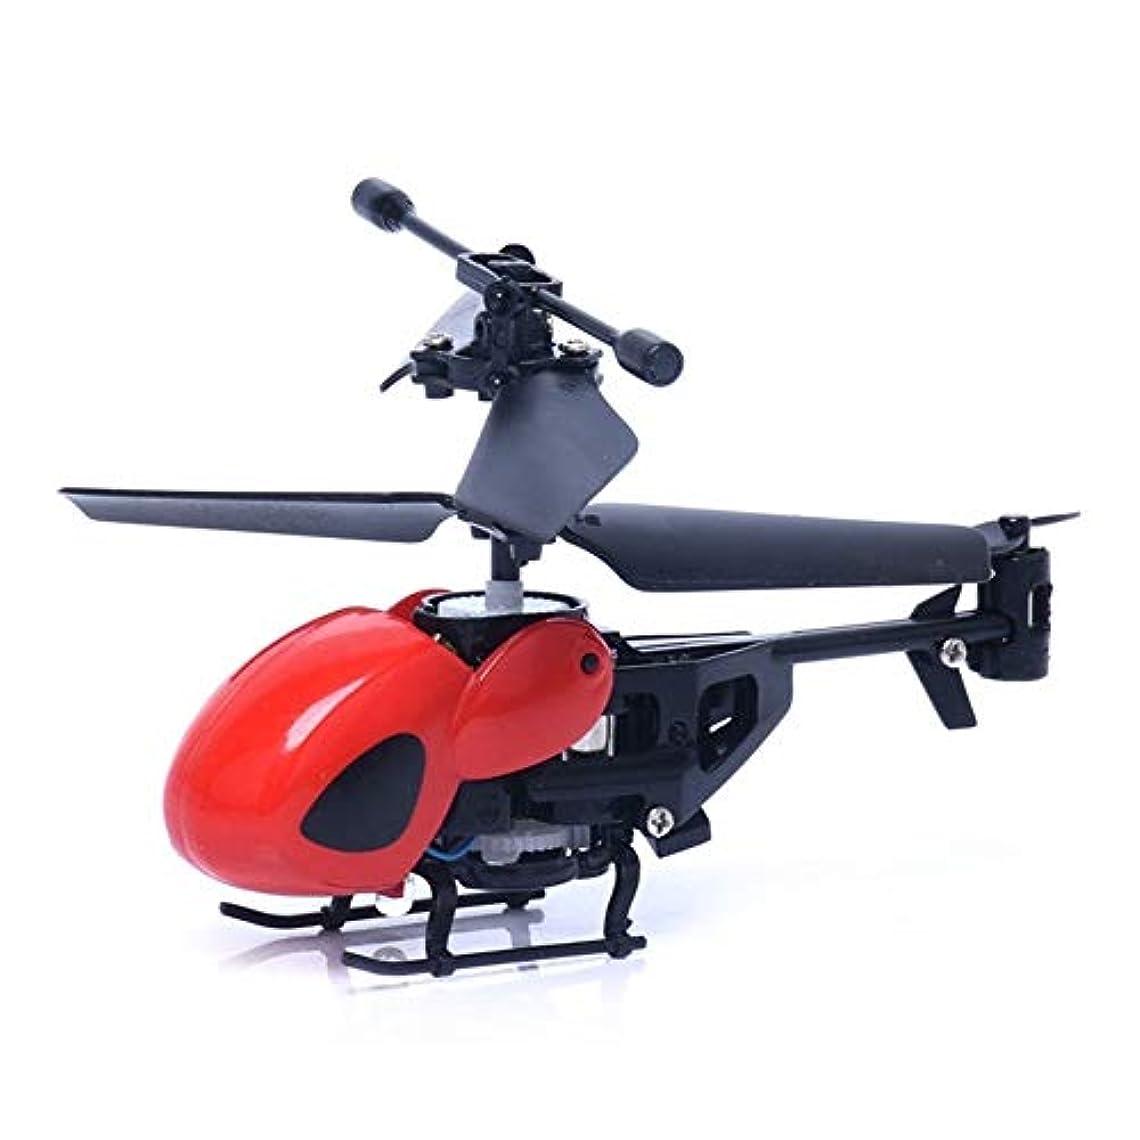 検査官ステーキ溶けたミニRCヘリコプターラジオリモートコントロール航空機おもちゃのギフトマイクロ3.5チャンネルRCドローン玩具ギフトオリジナルの電気のために子供の大人のプレゼント W1XX ( Color : Blue )